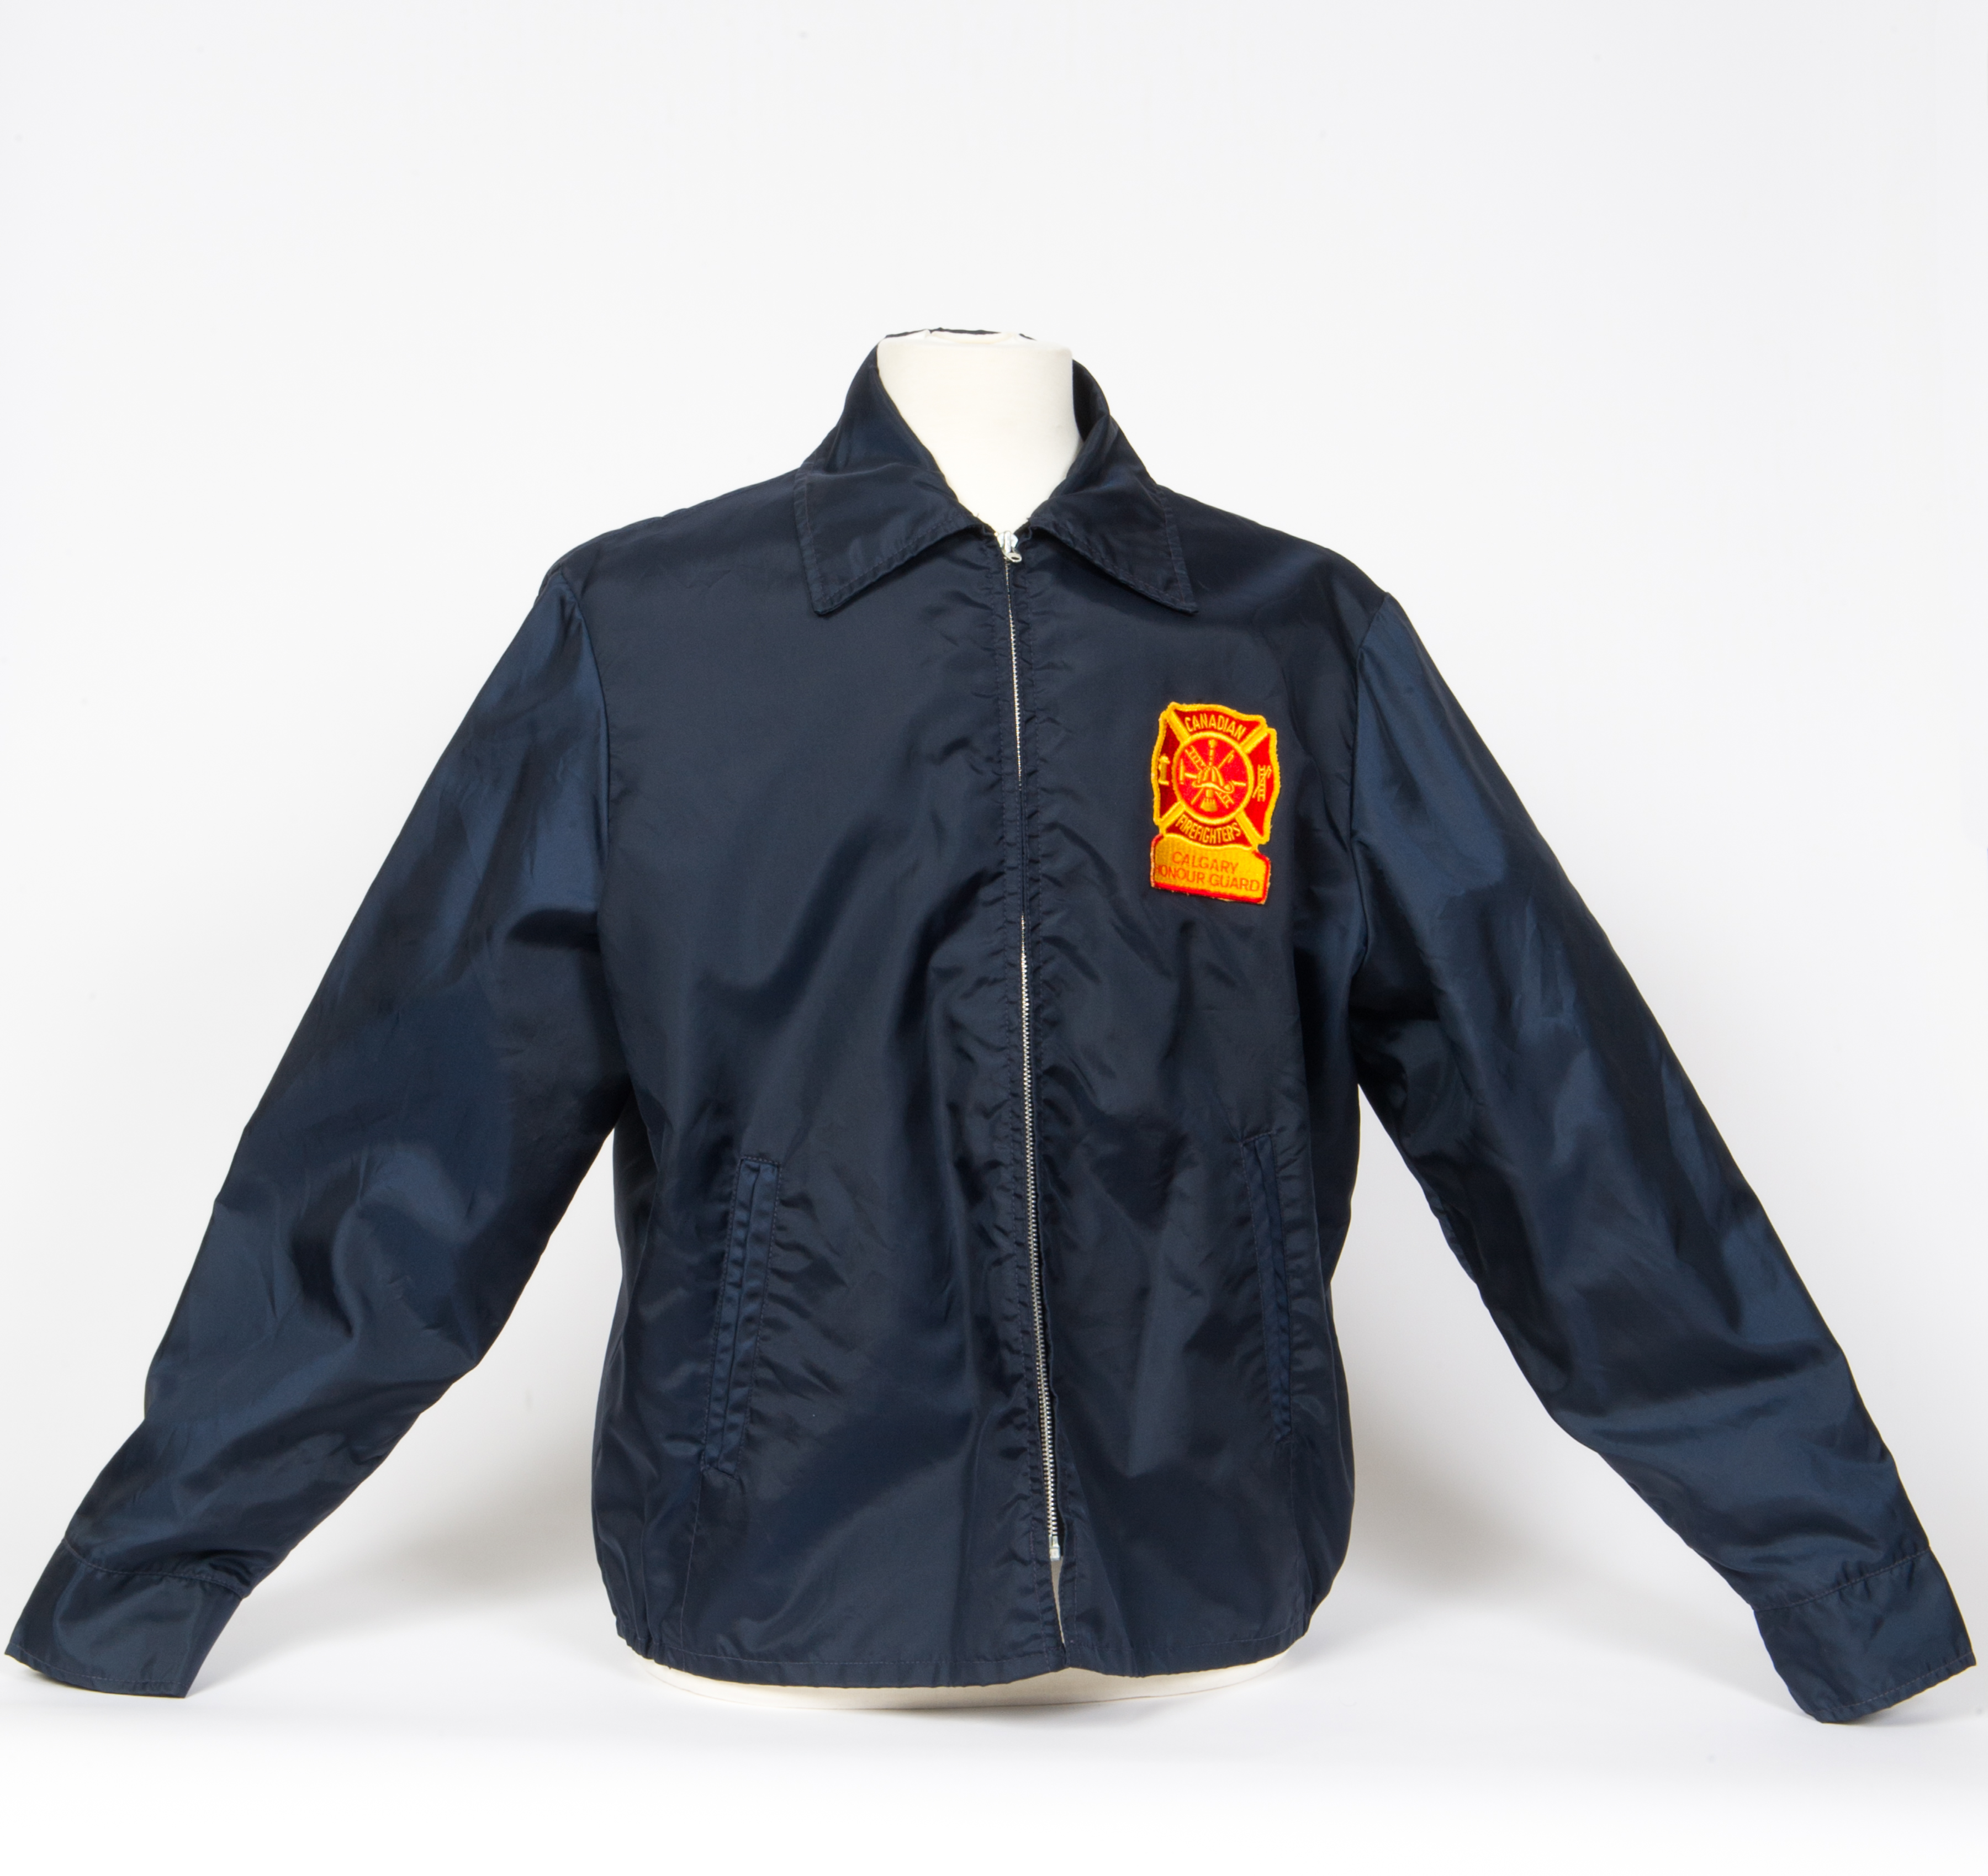 Veste imperméable bleu marine avec fermeture éclair et collet, avec insigne jaune et rouge de la garde d'honneur, pompiers canadiens, section de Calgary